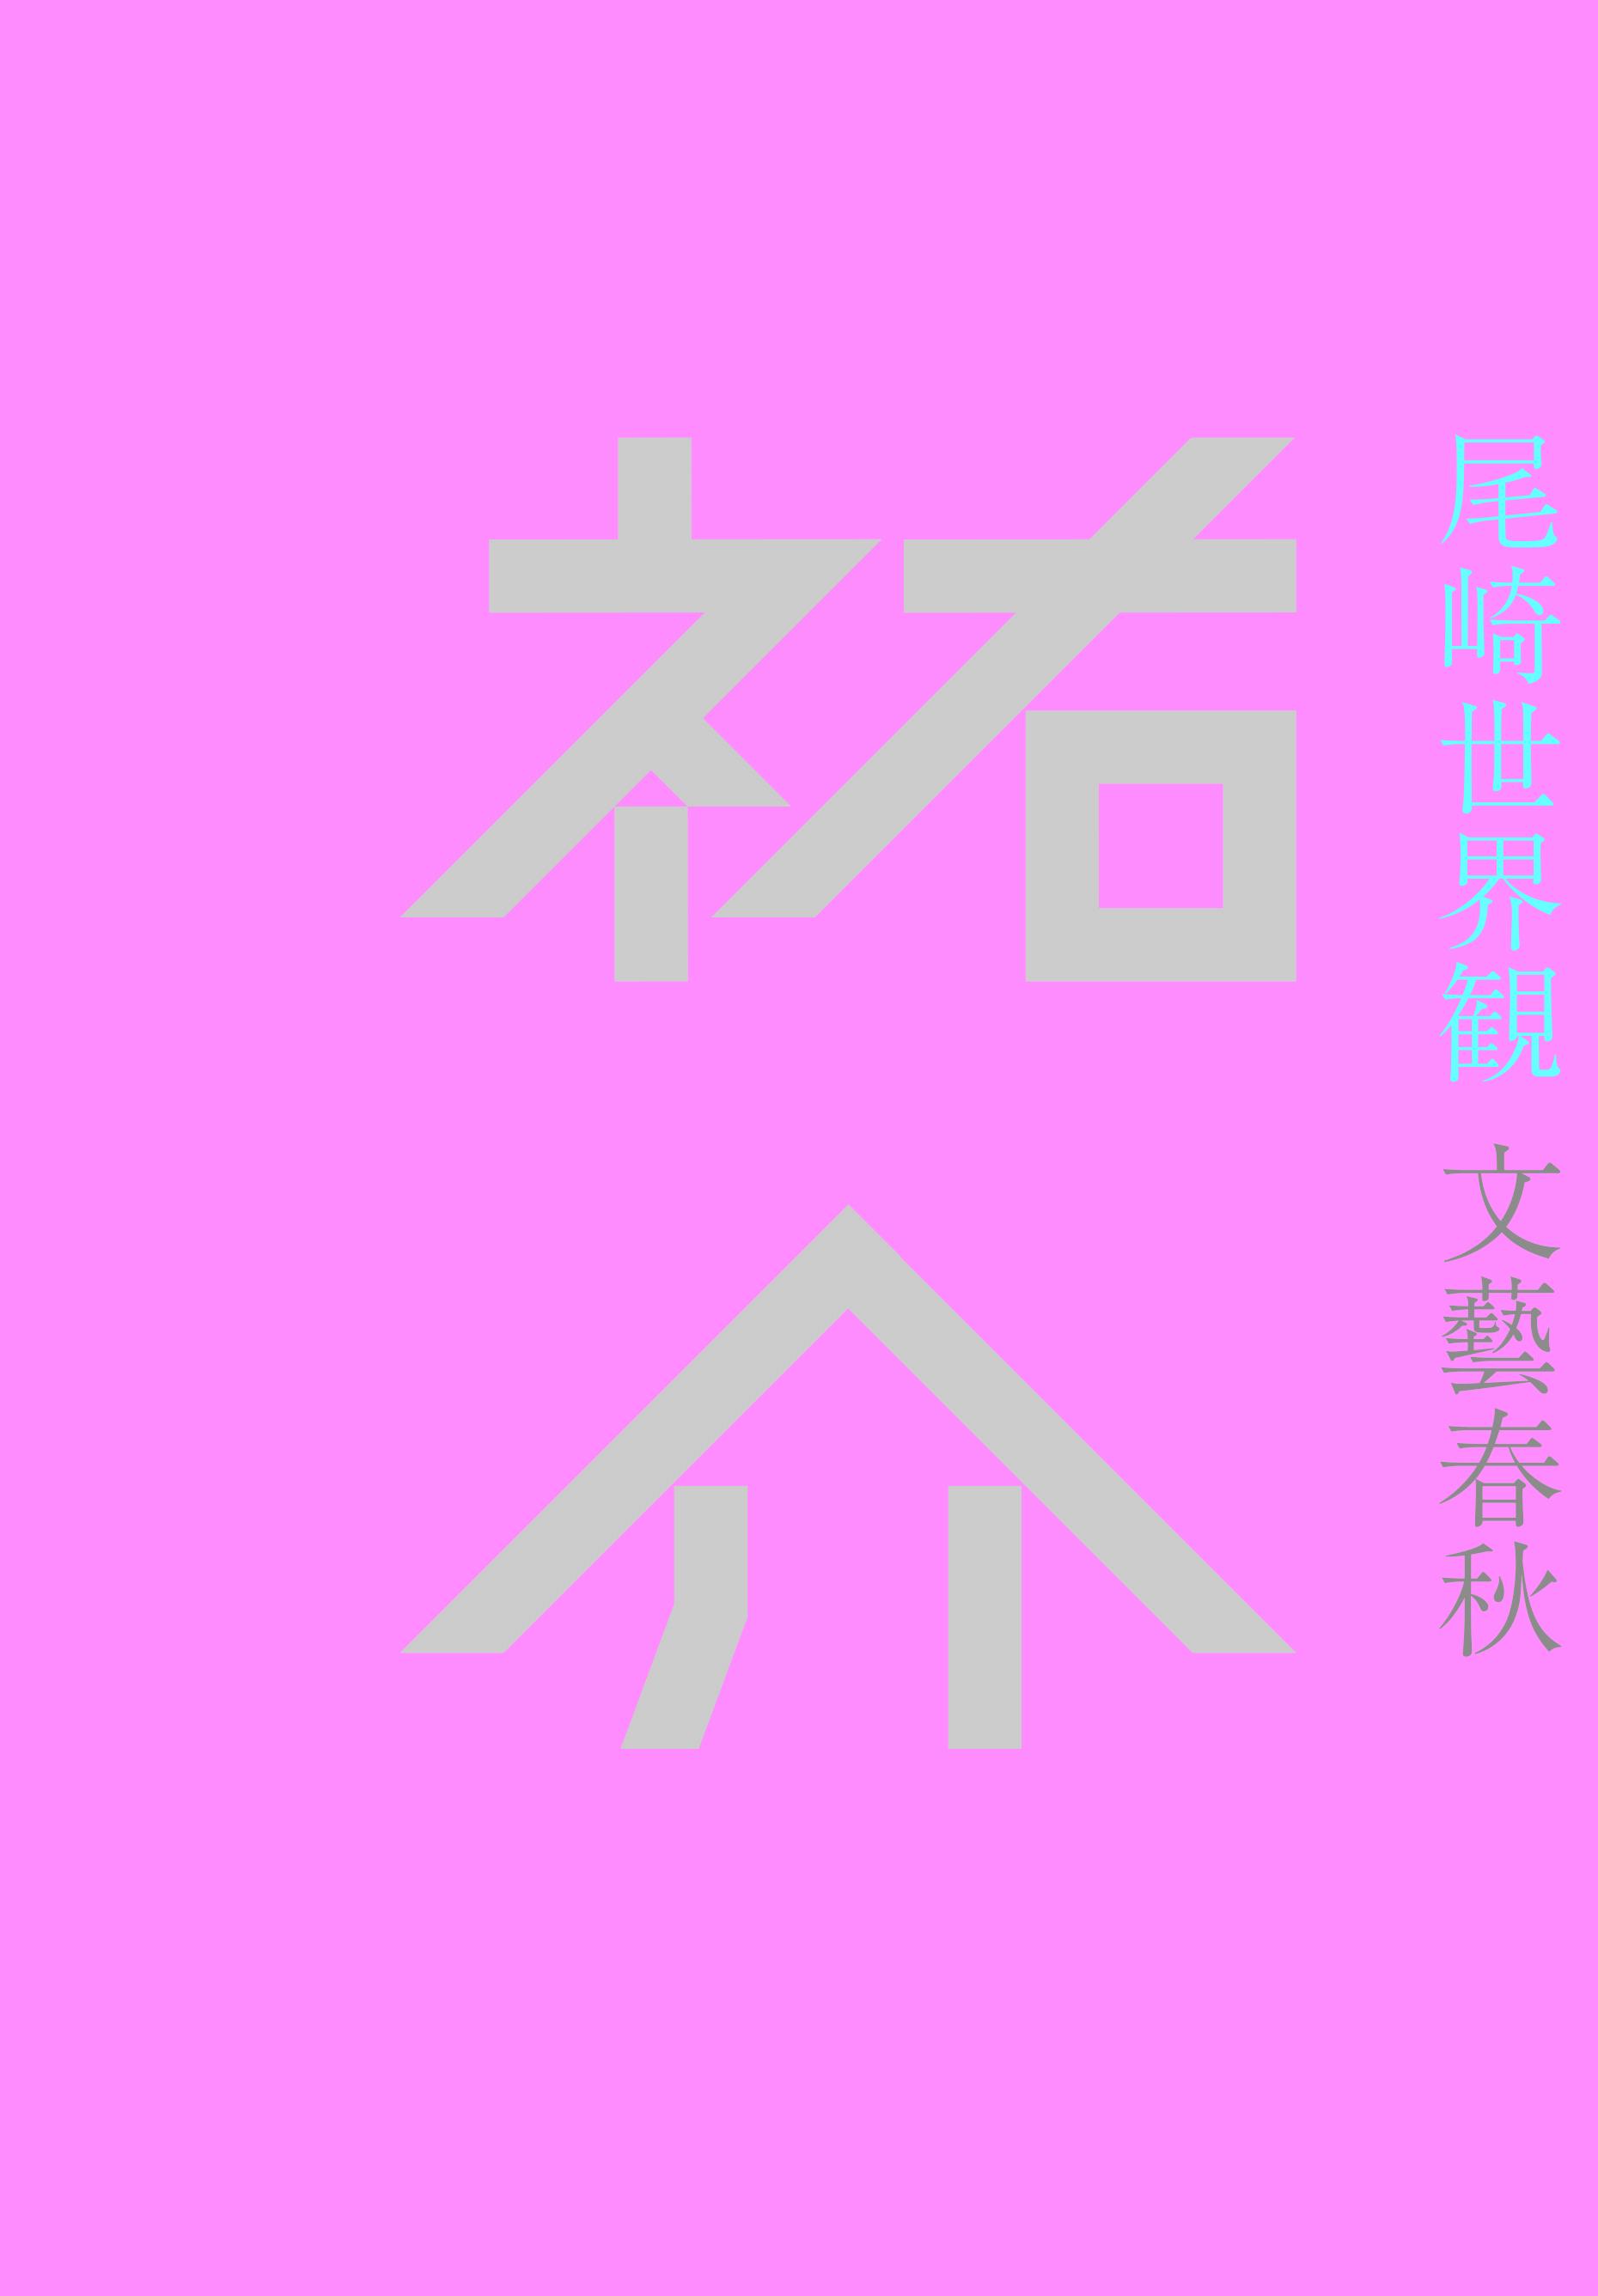 画像】尾崎世界観×ピース又吉 小説『祐介』刊行記念トークイベント ...